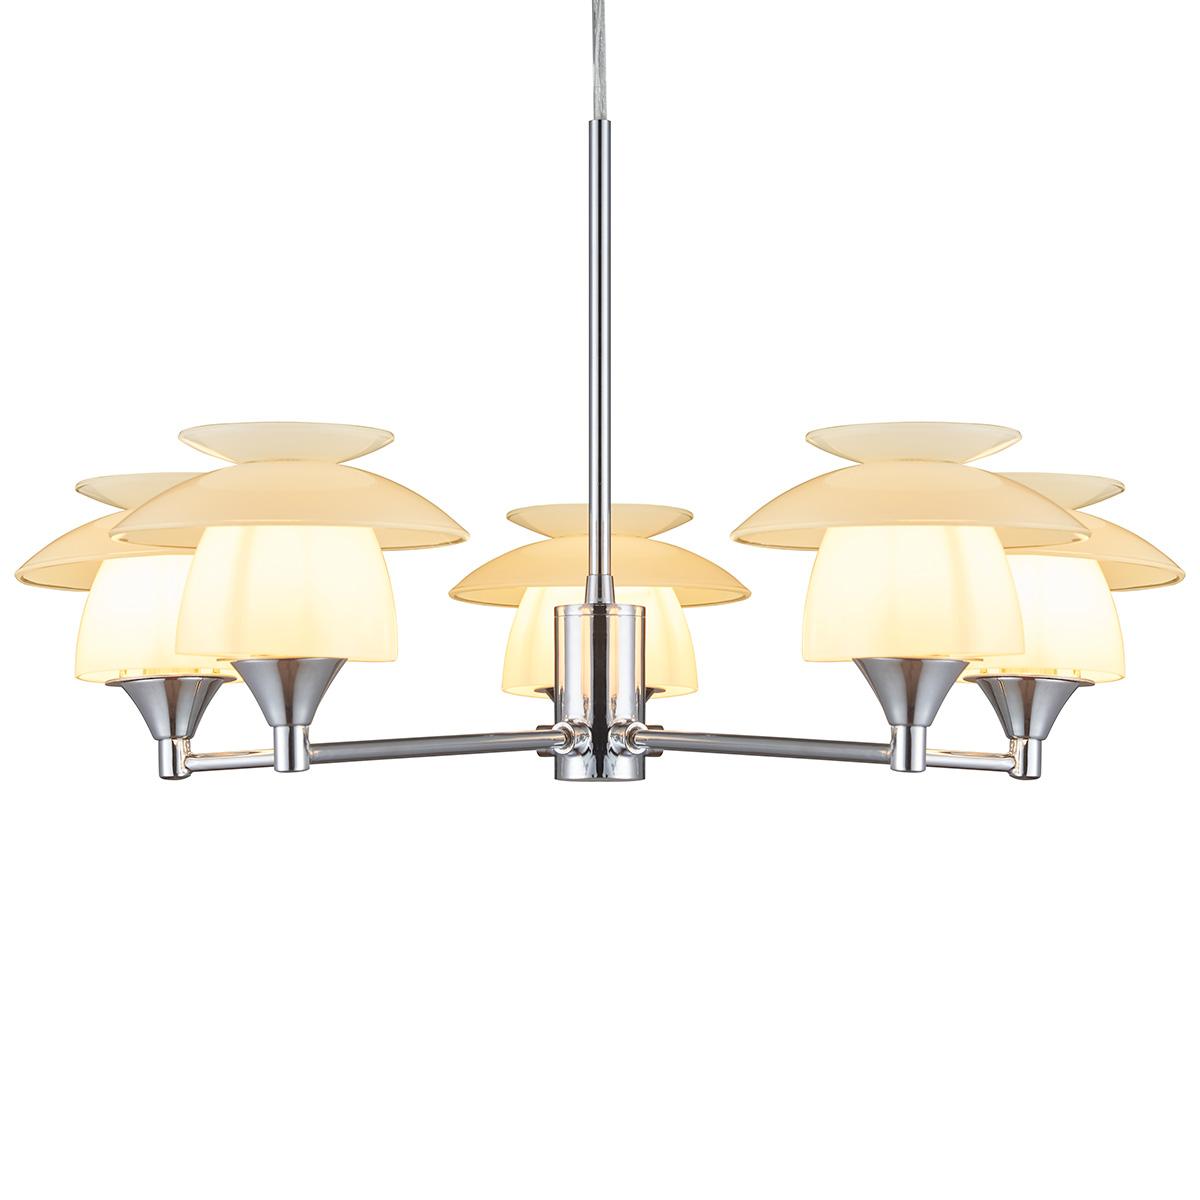 Billede af Halo Design loftlampe - Scandinavia